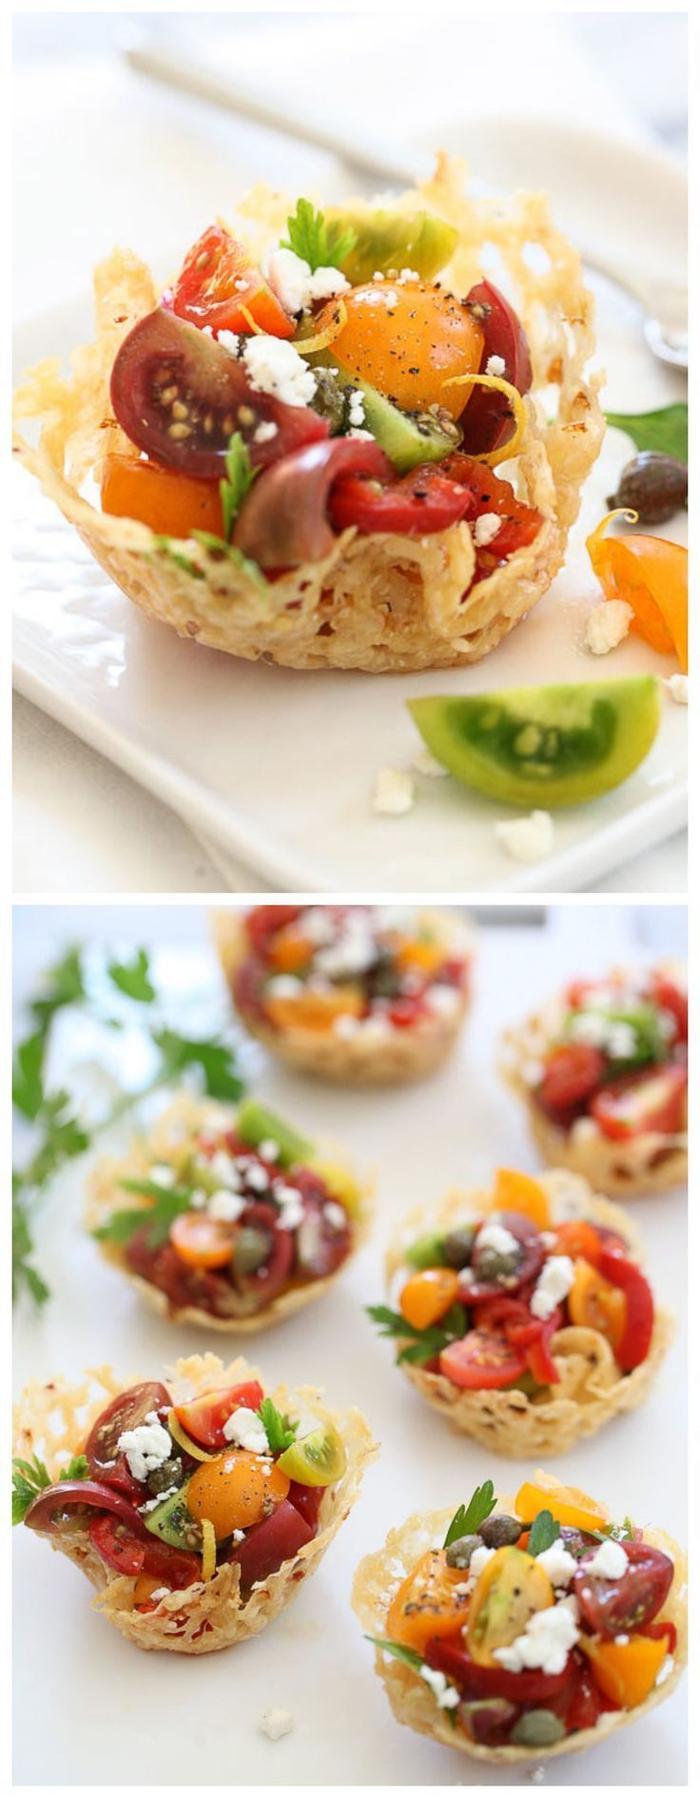 Aperitivo vegetariano con dei cestini di formaggio e verdure come olive e pomodorini